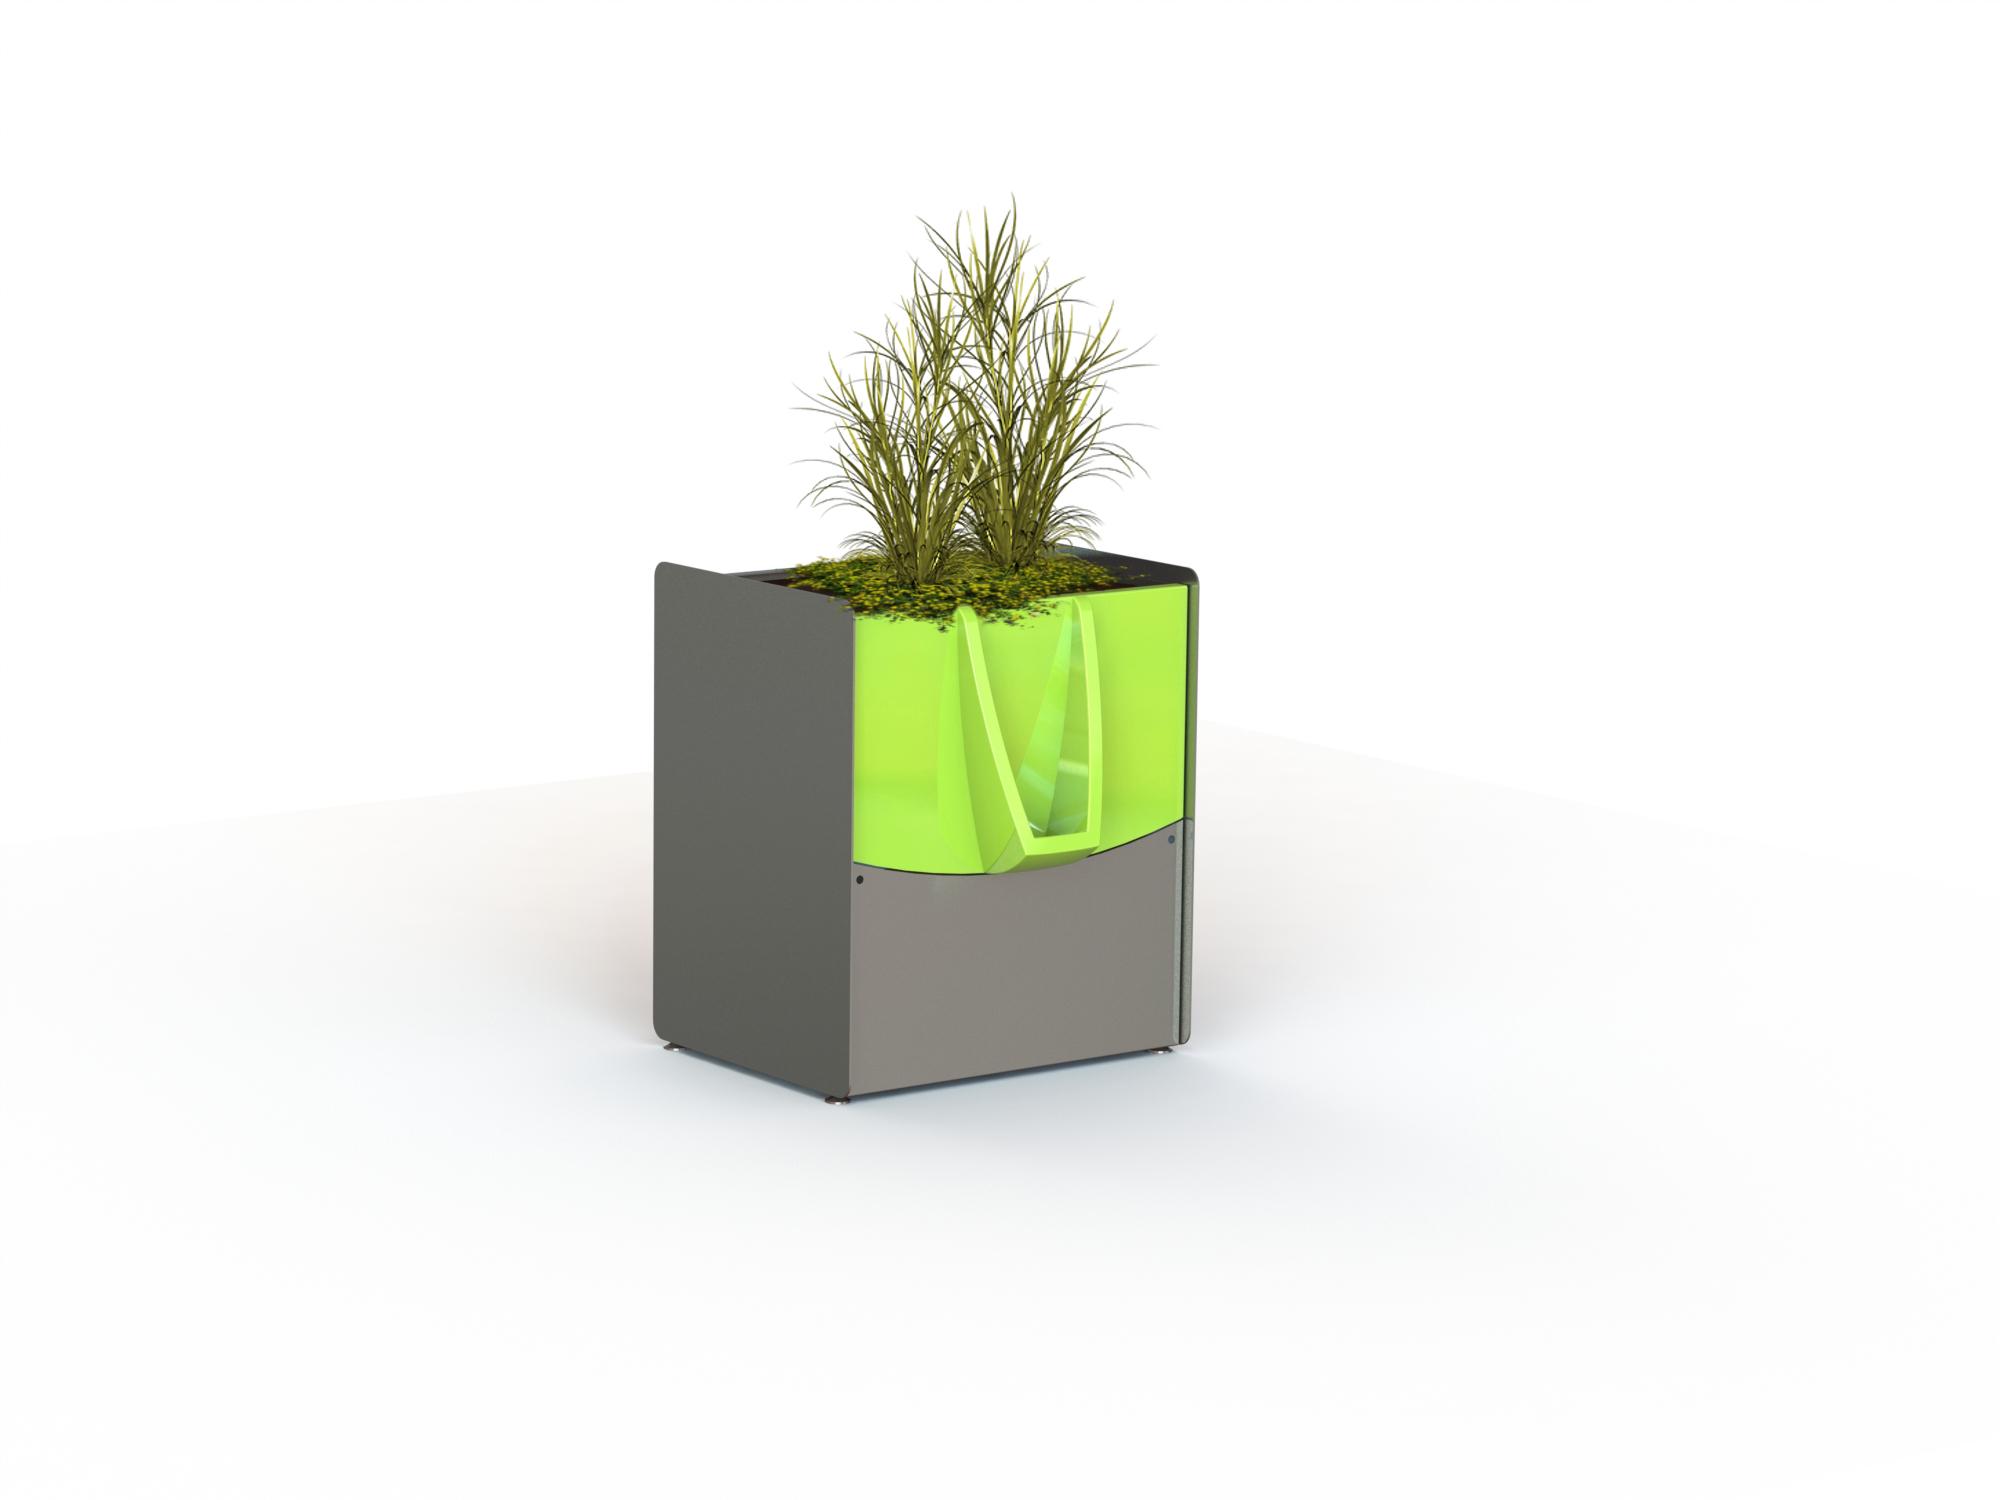 https://greenpee.nl/wp-content/uploads/2018/05/Groen-2-plant.jpg